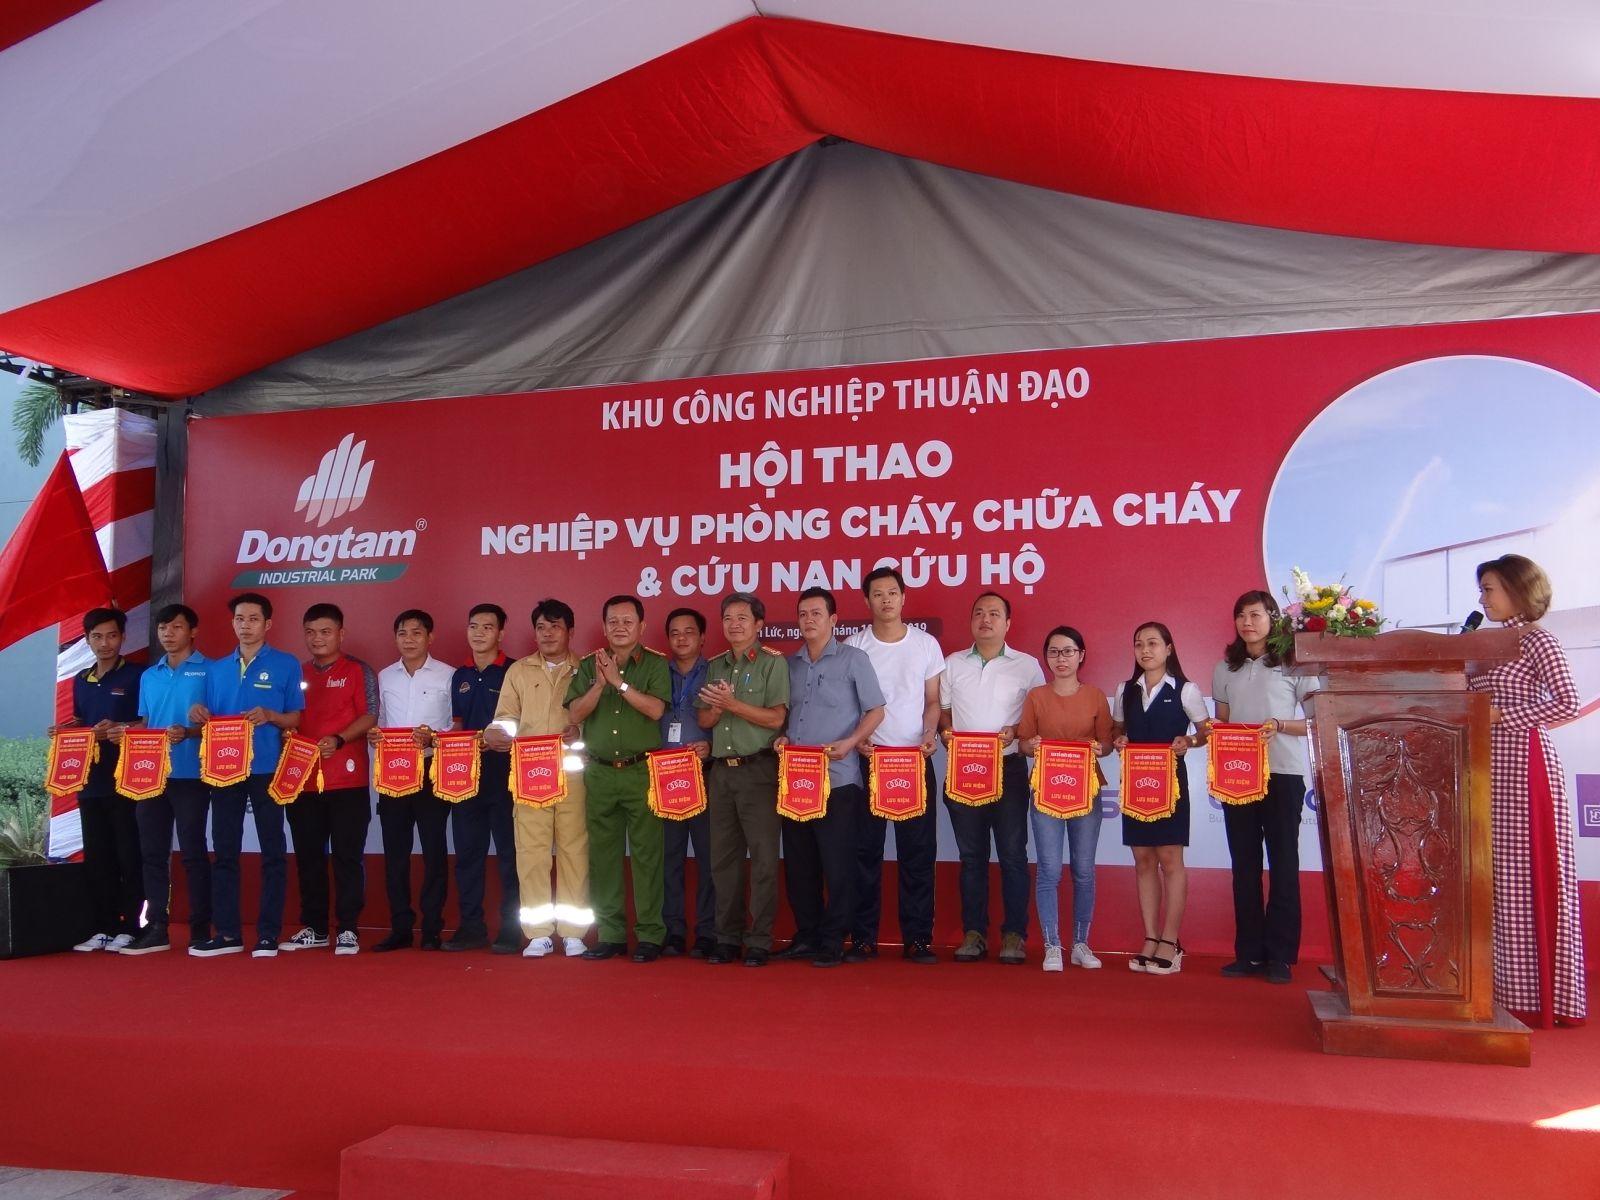 Hội thao nghiệp vụ chữa cháy trong Khu công nghiệp Thuận Đạo